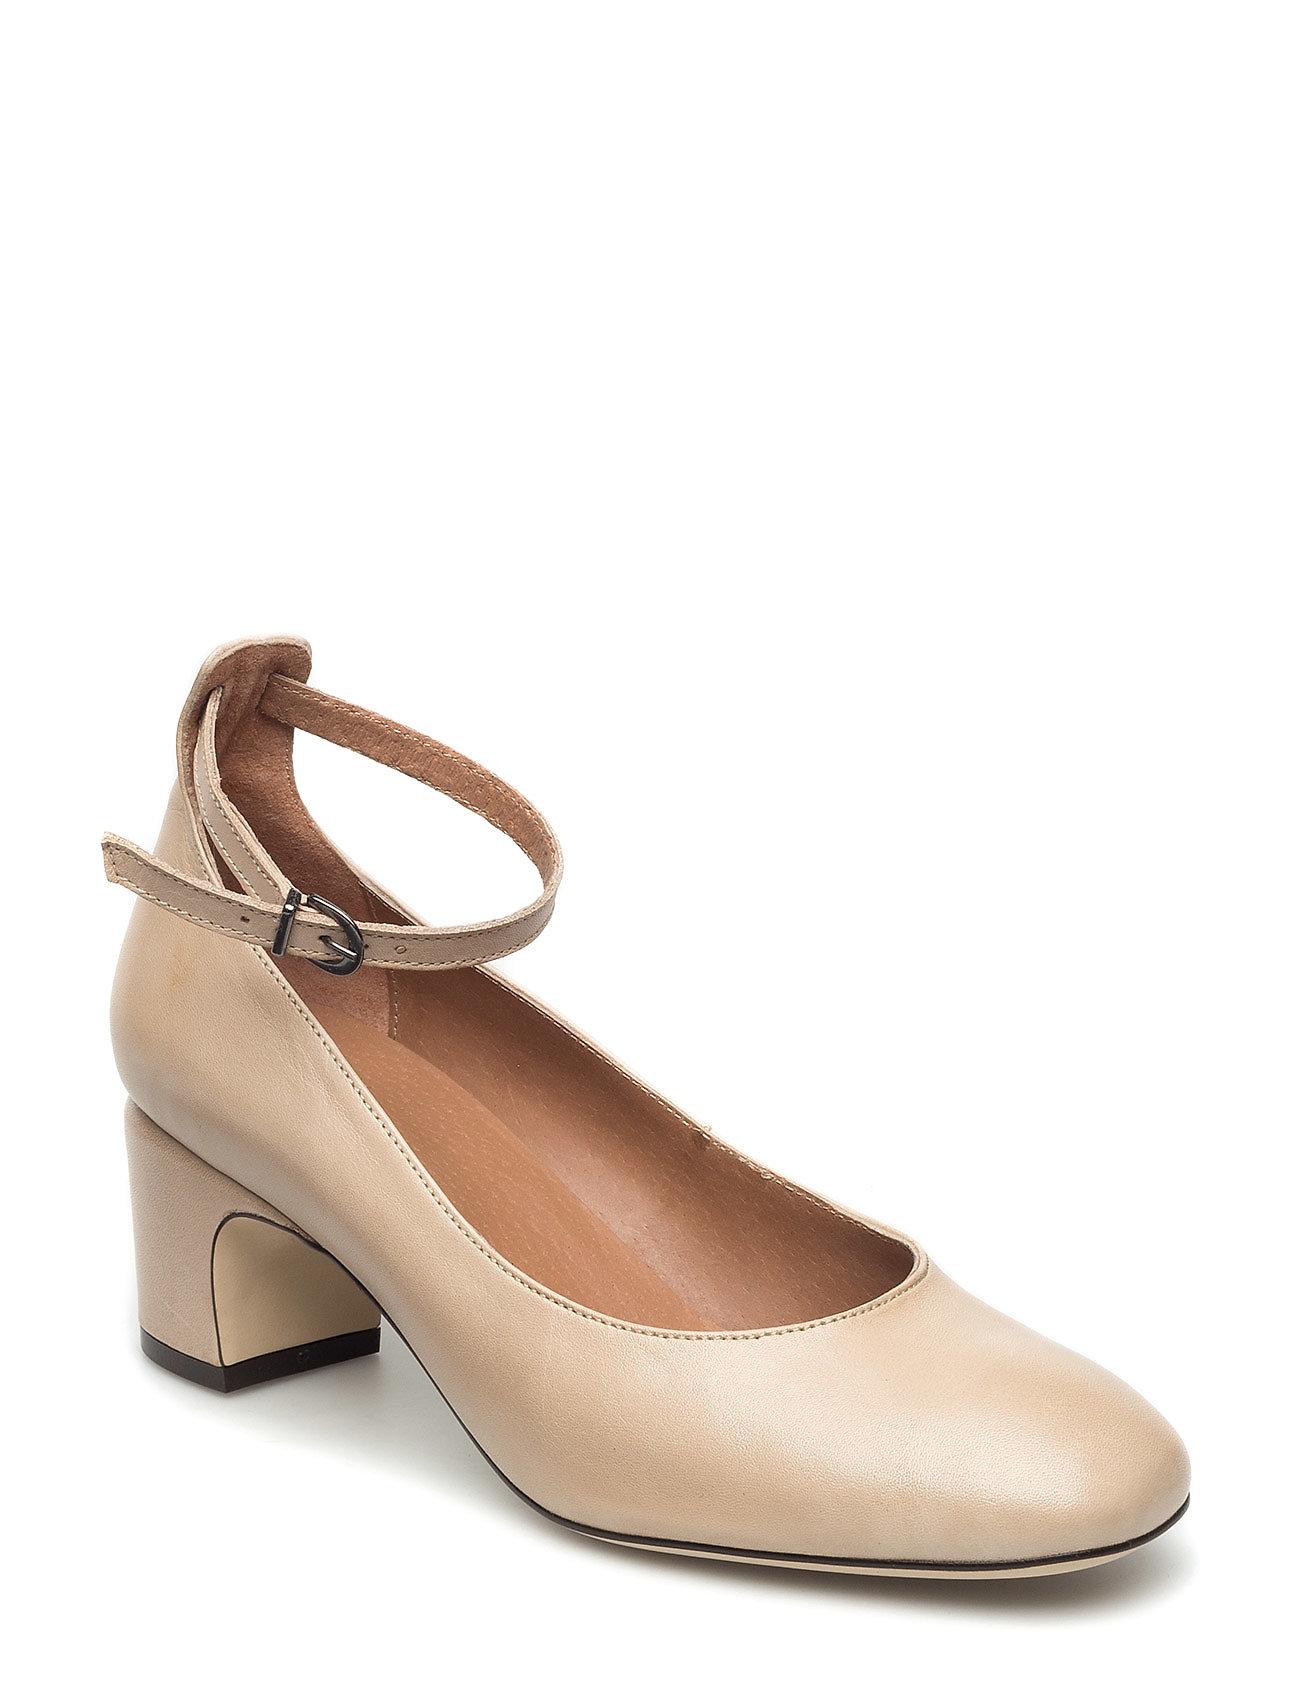 Court Shoe W/Strap Bianco Sko til Kvinder i SAND